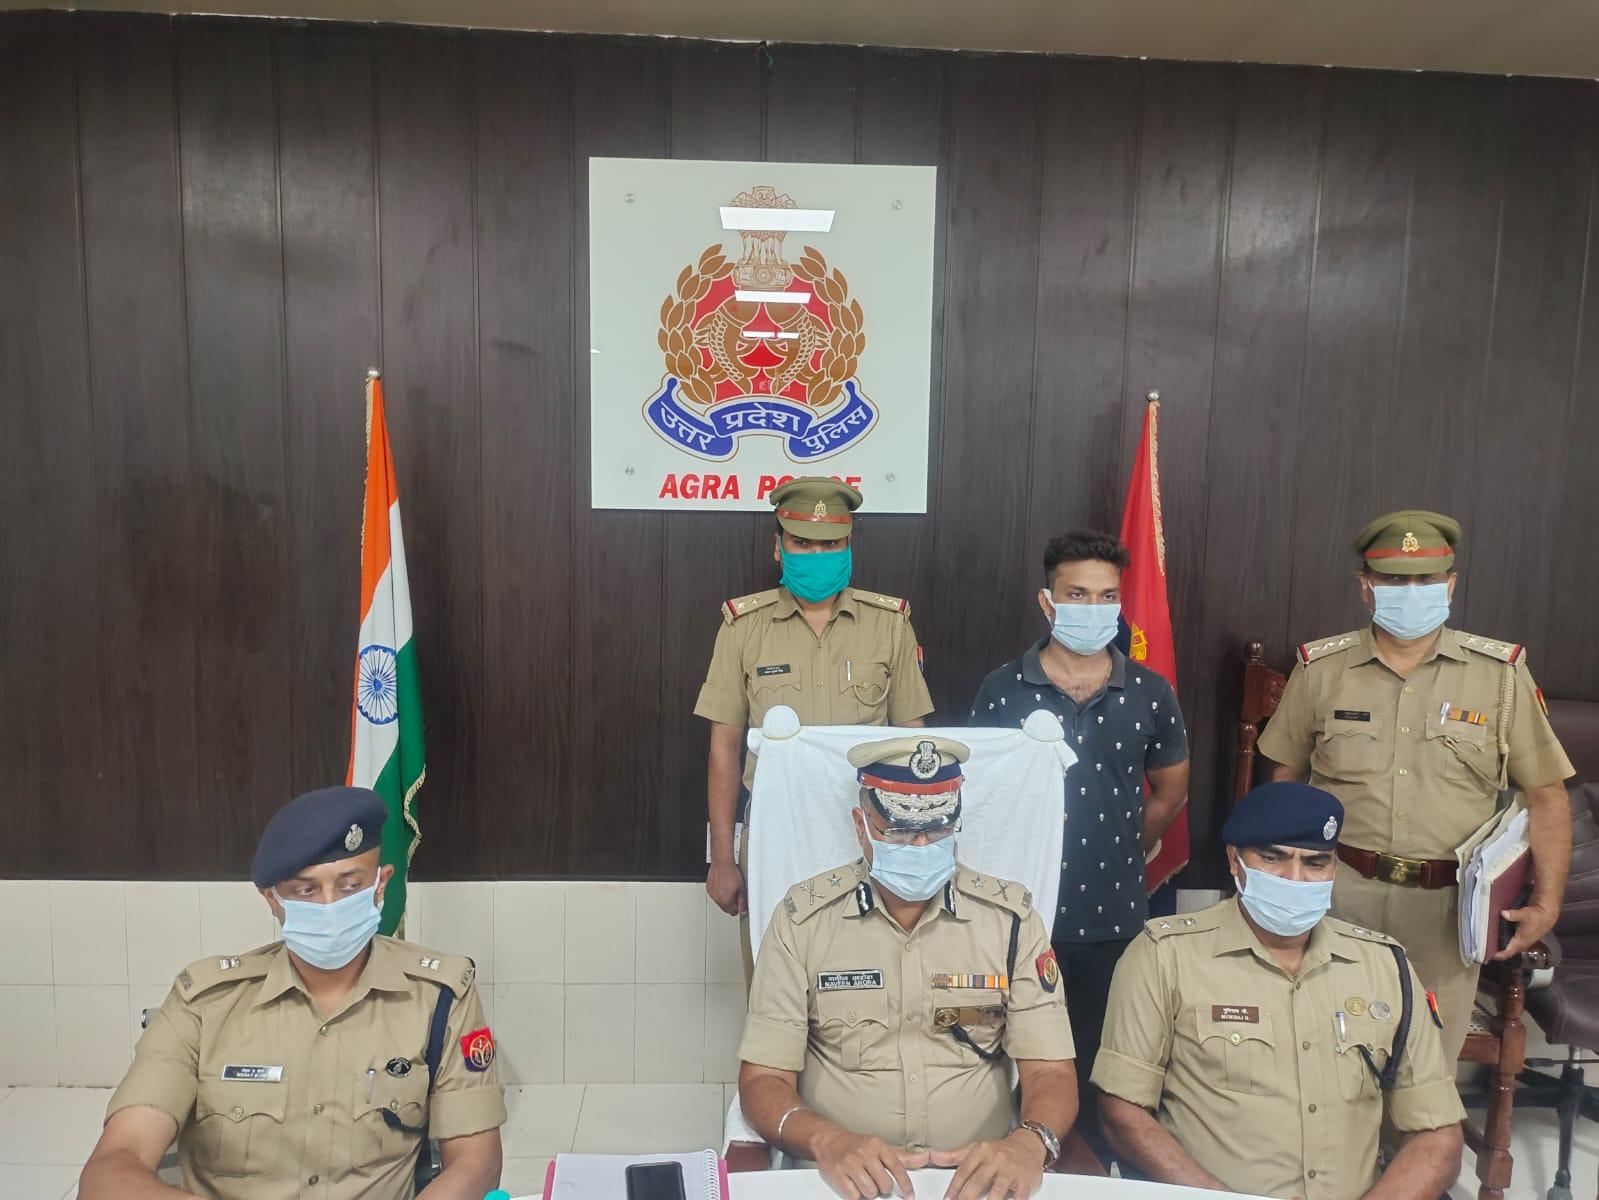 पुलिस गिरफ्त में सरेंडर करने वाला बदमाश प्रभात शर्मा - Dainik Bhaskar